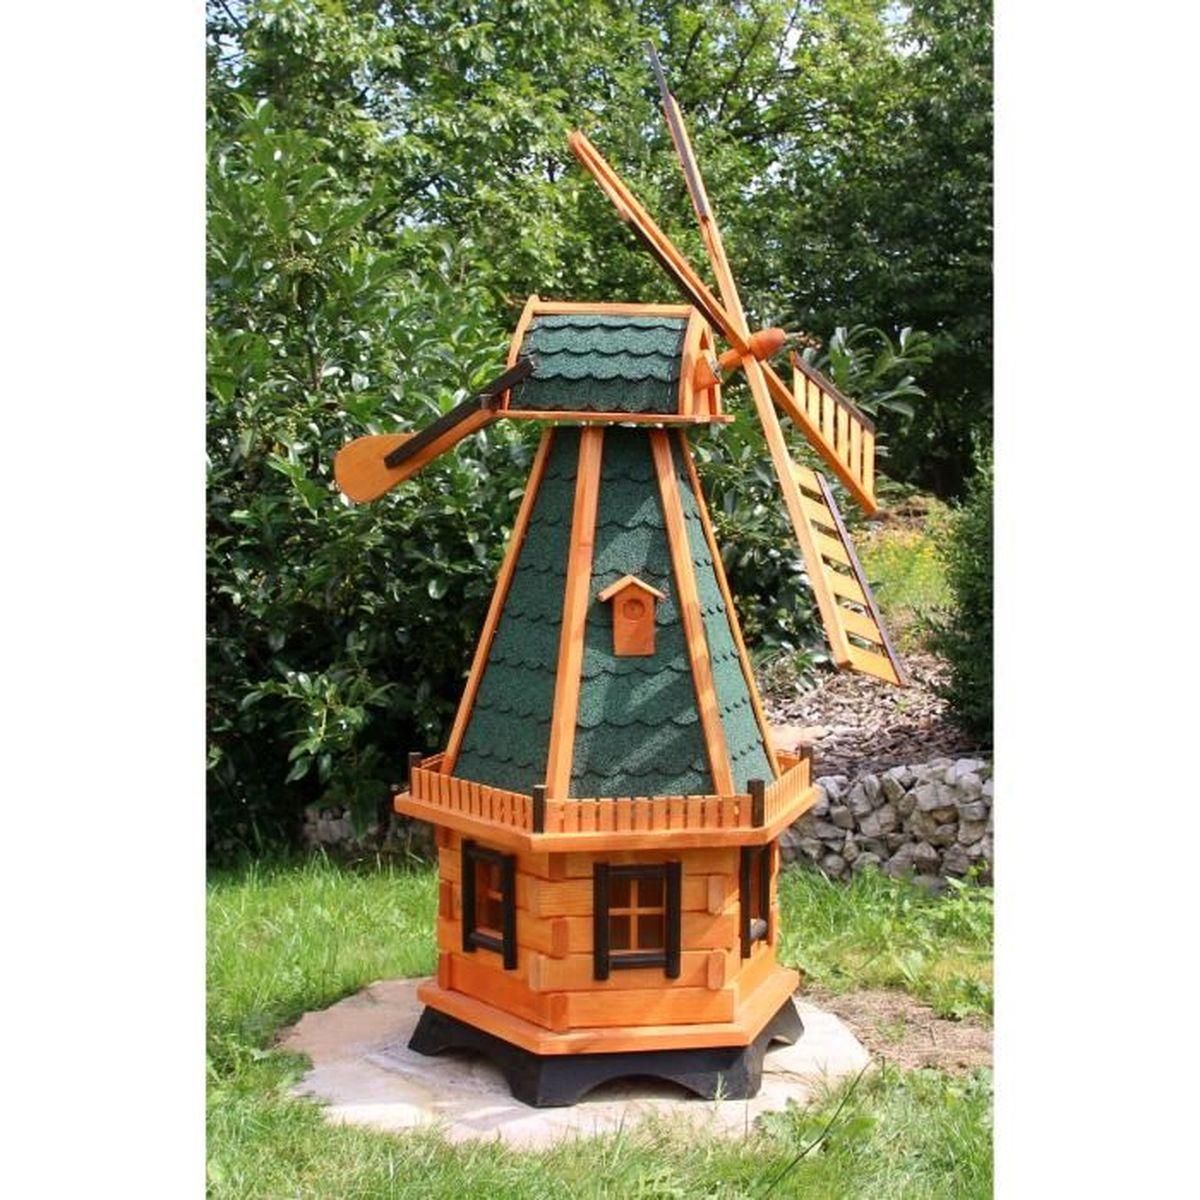 Moulin en bois deco jardin achat vente moulin en bois for Achat decoration jardin